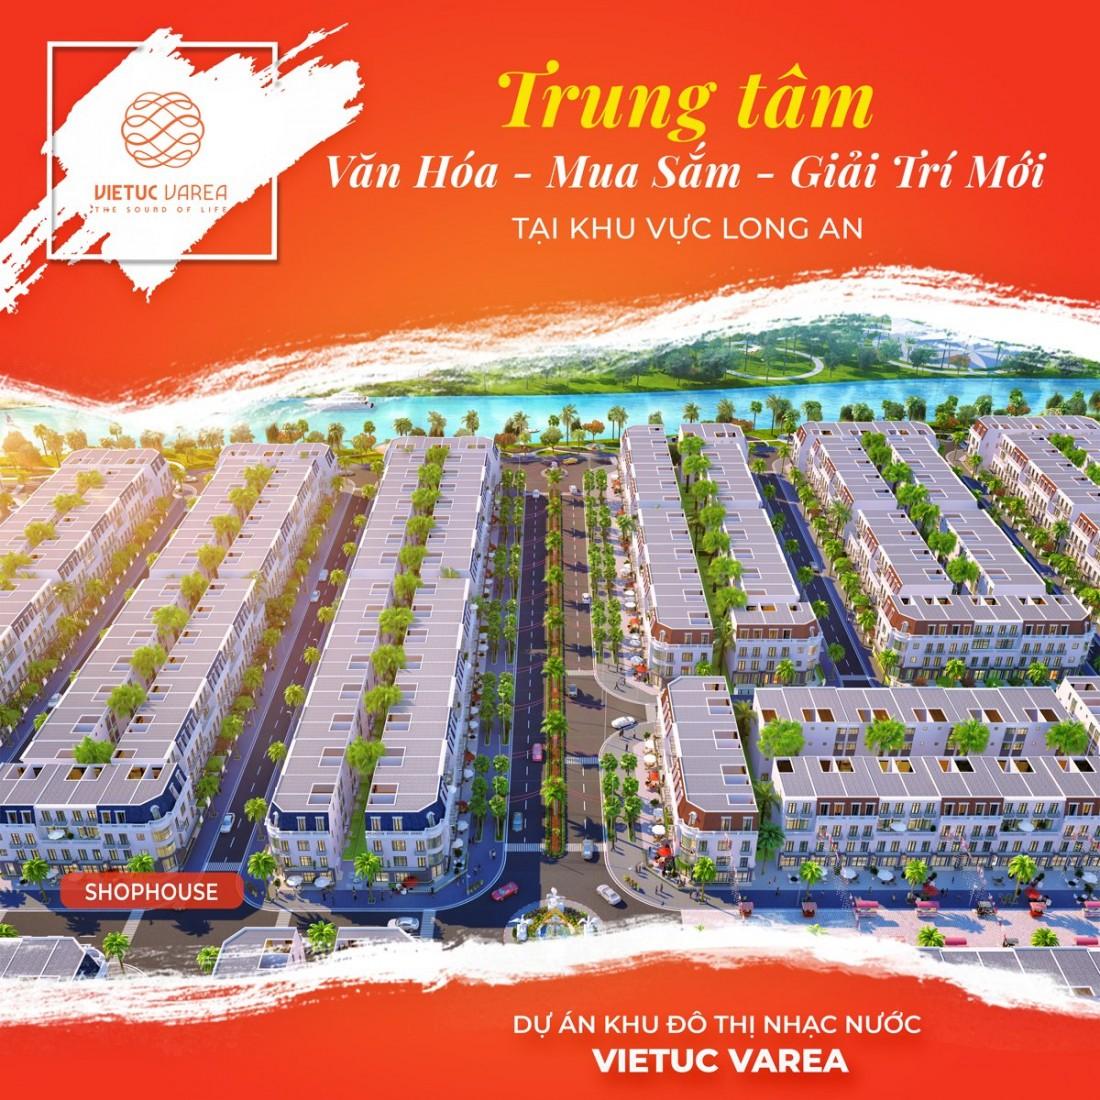 Phối cảnh Shophouse Khu đô thị Nhạc nước Việt Úc Varea